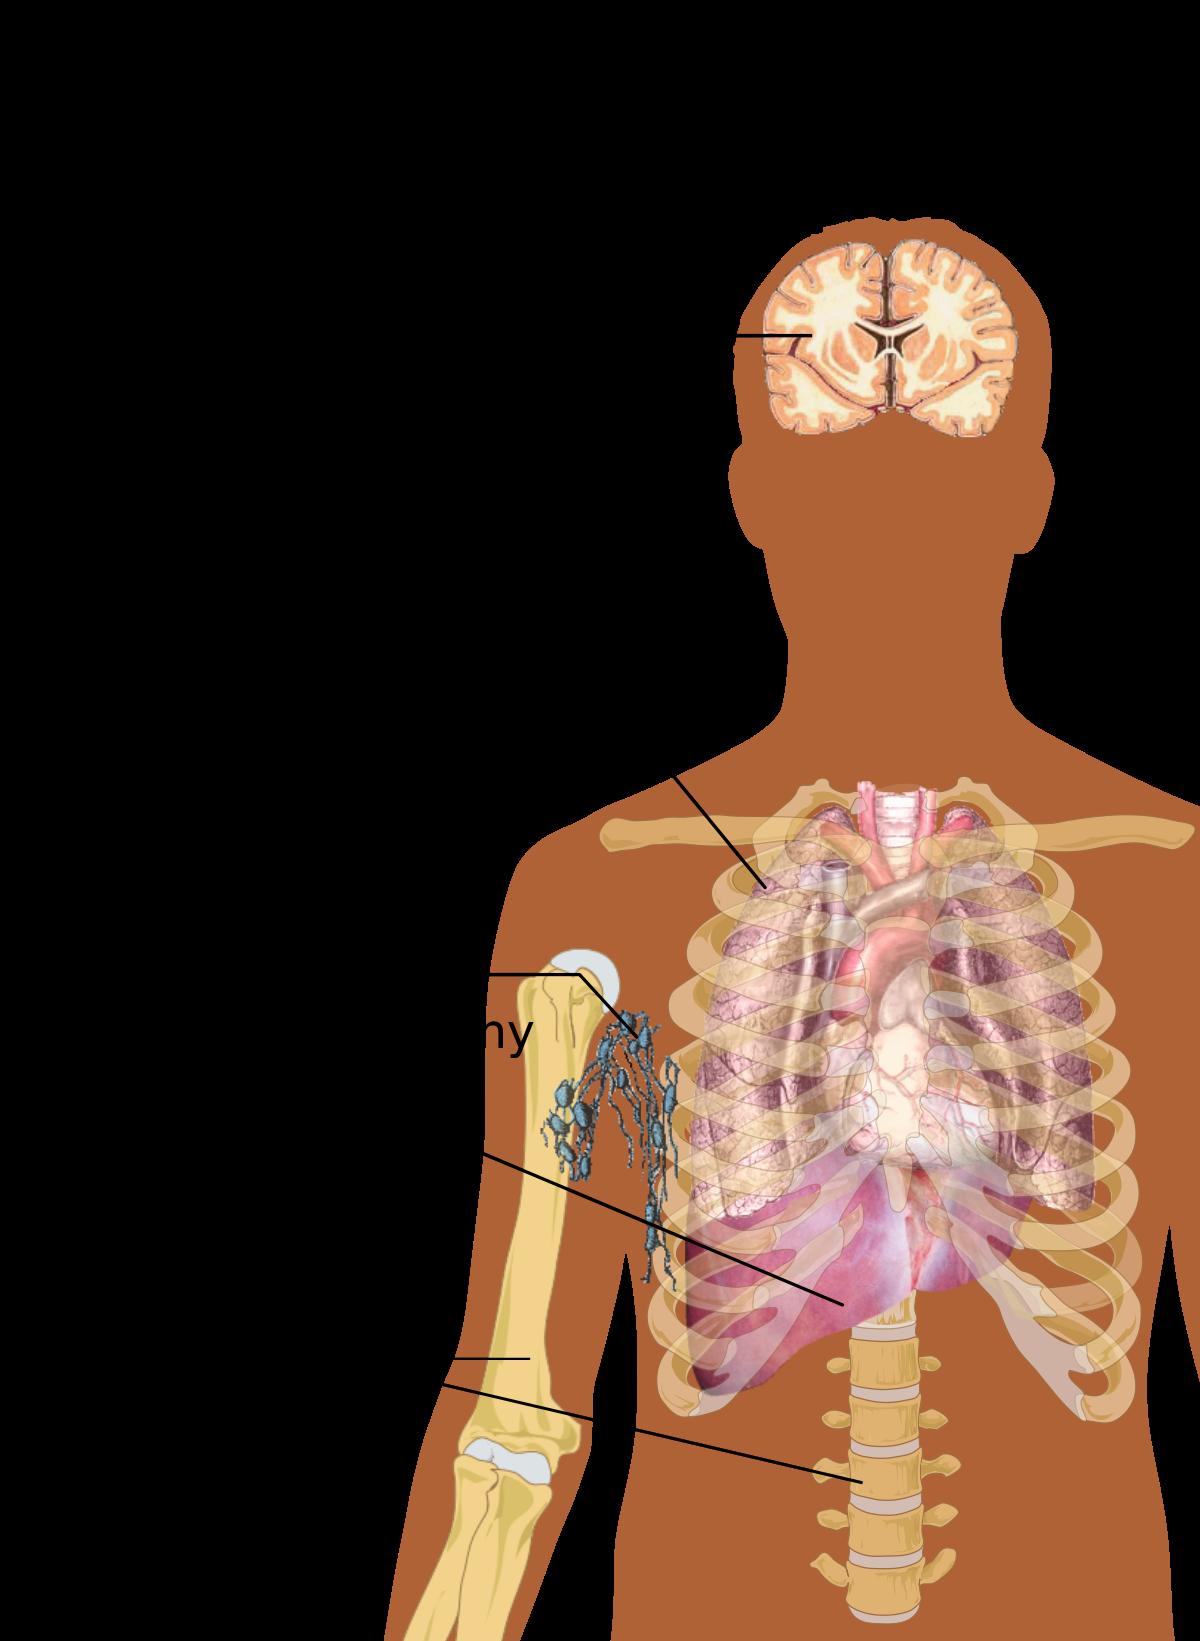 sarcoma cancer warning signs